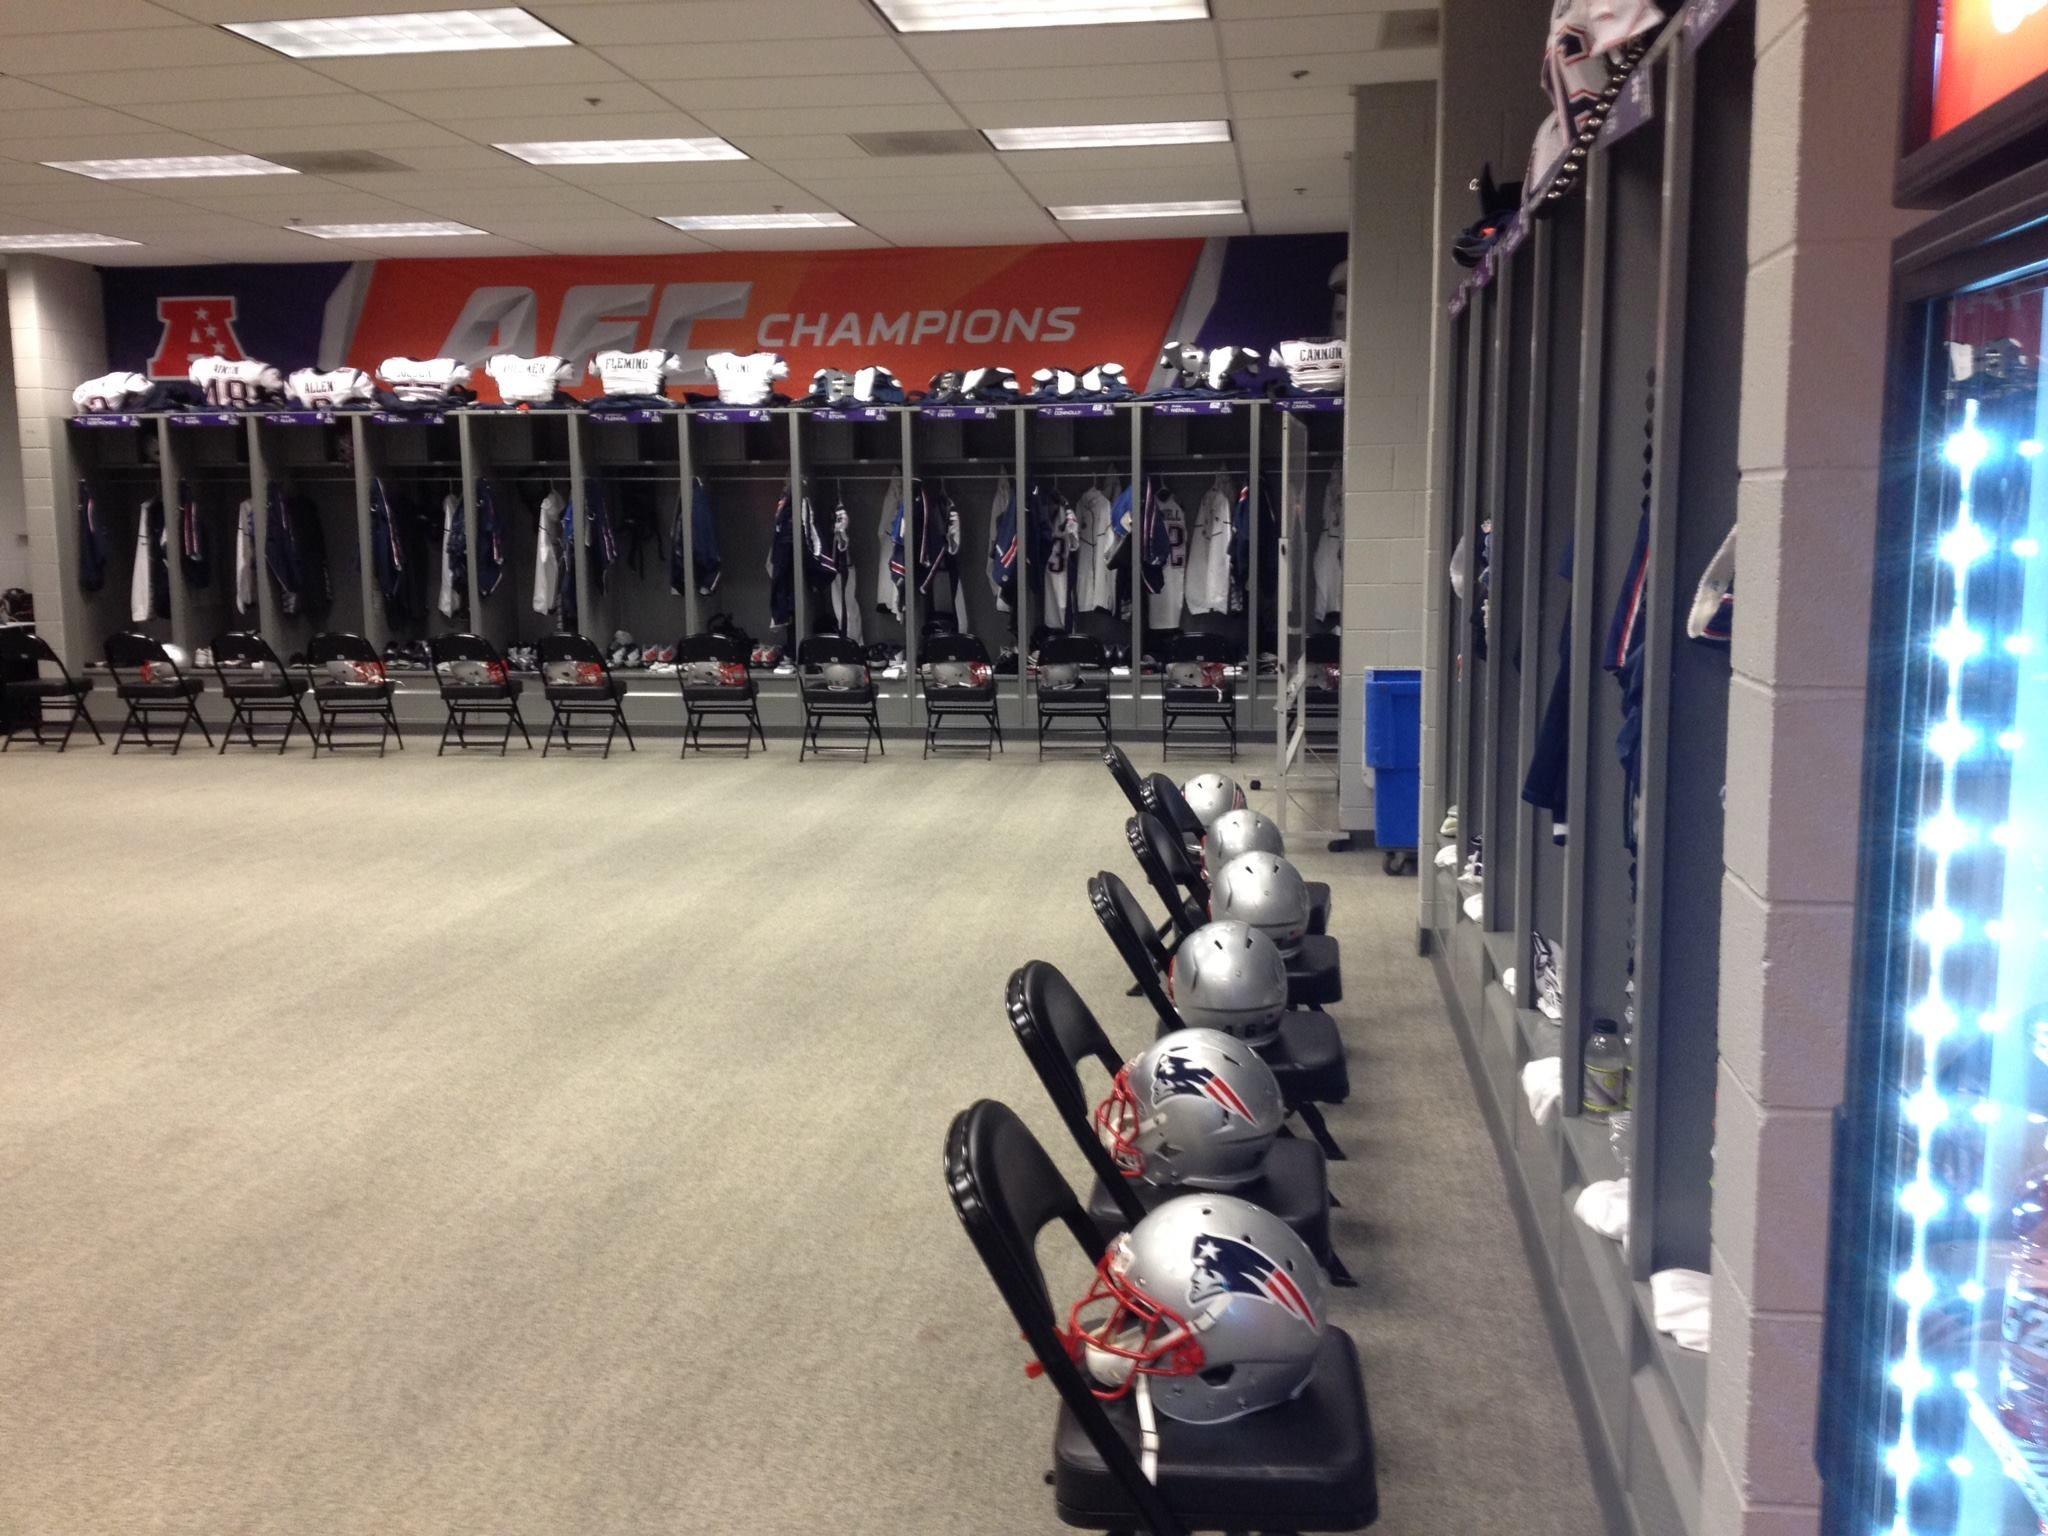 Super Bowl Locker Room New England Patriots Football Patriots Football Super Bowl Xlix